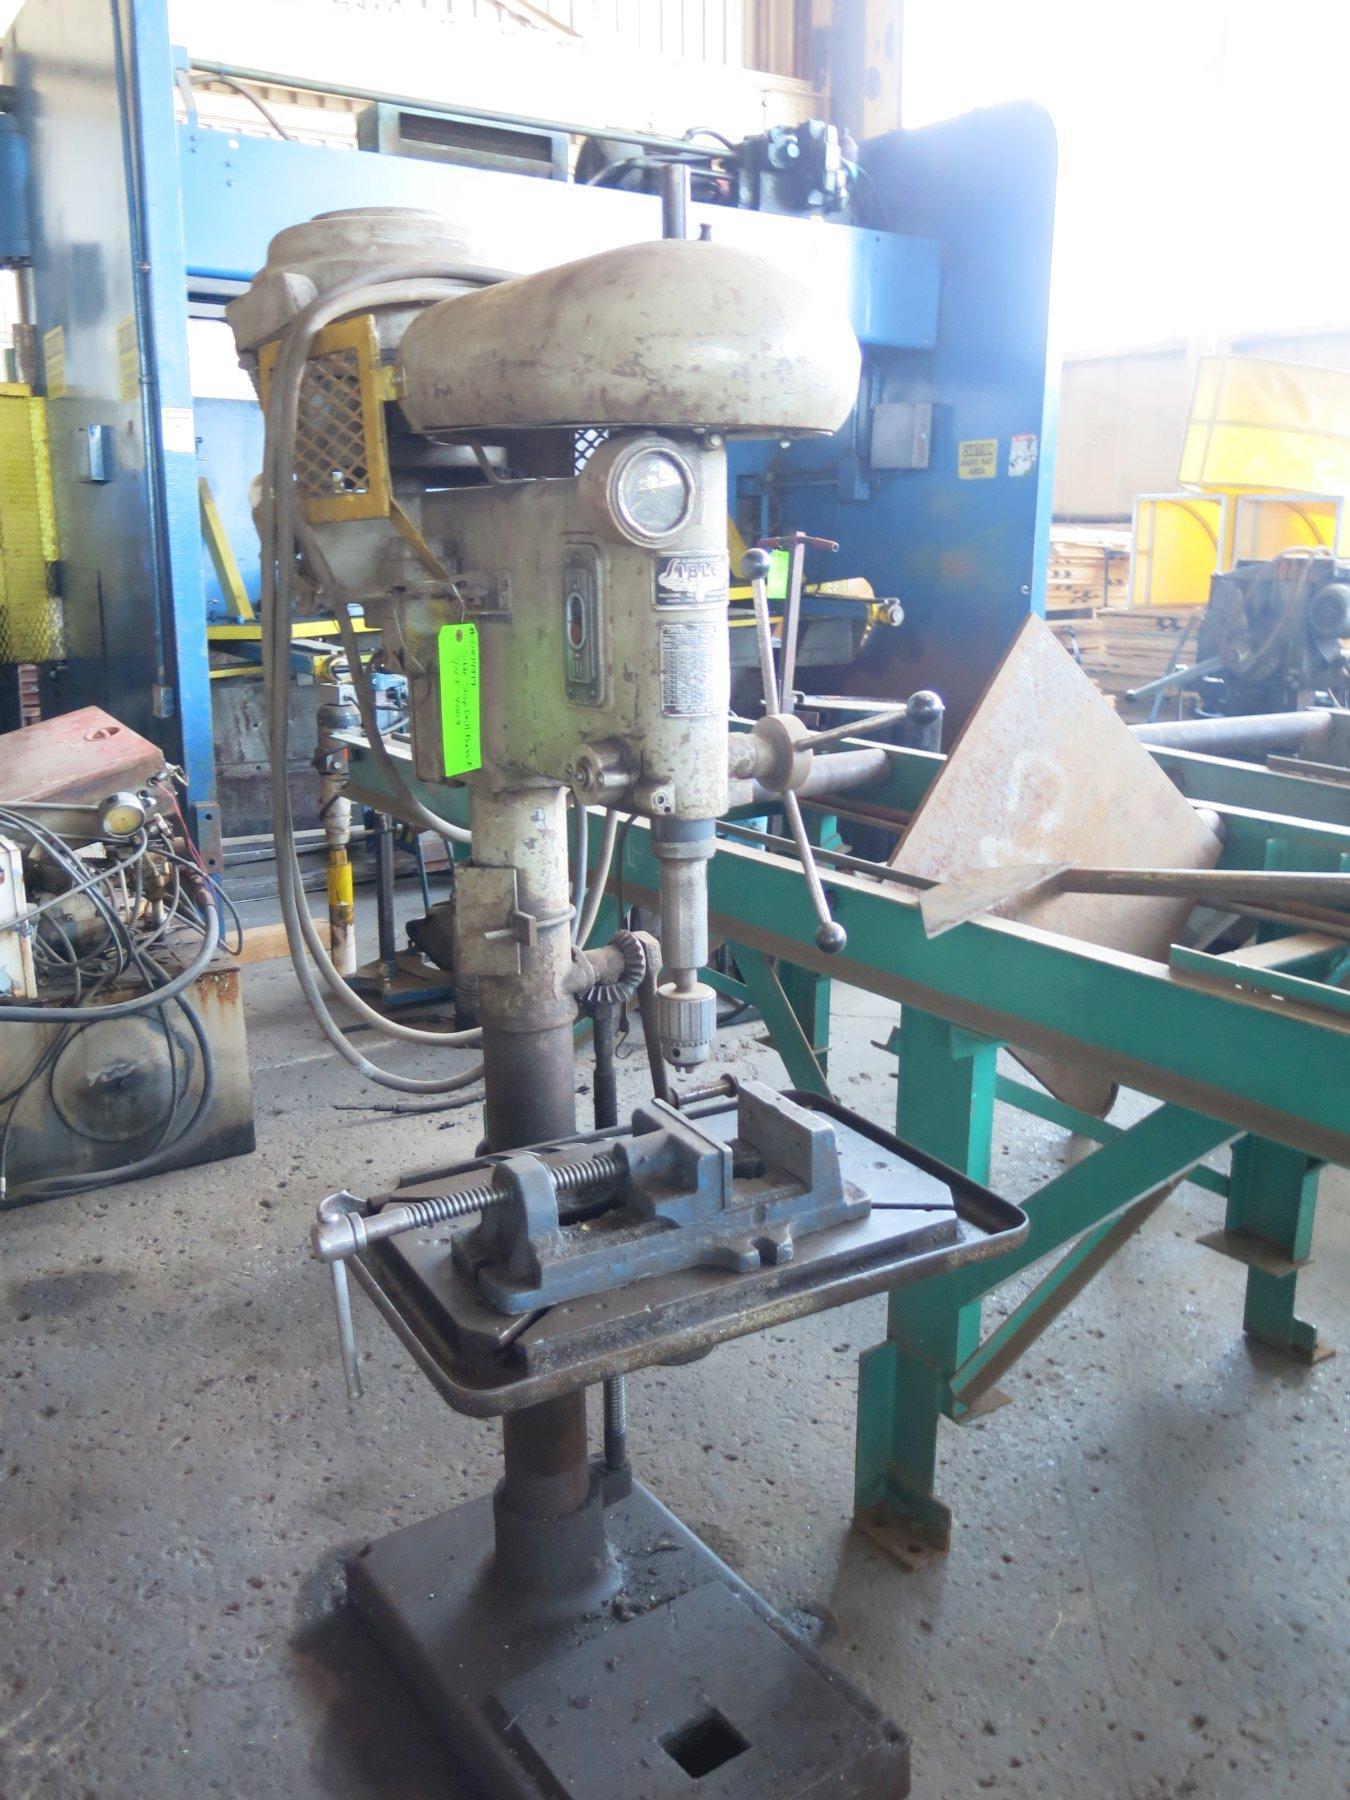 Sibley Shop Drill Press